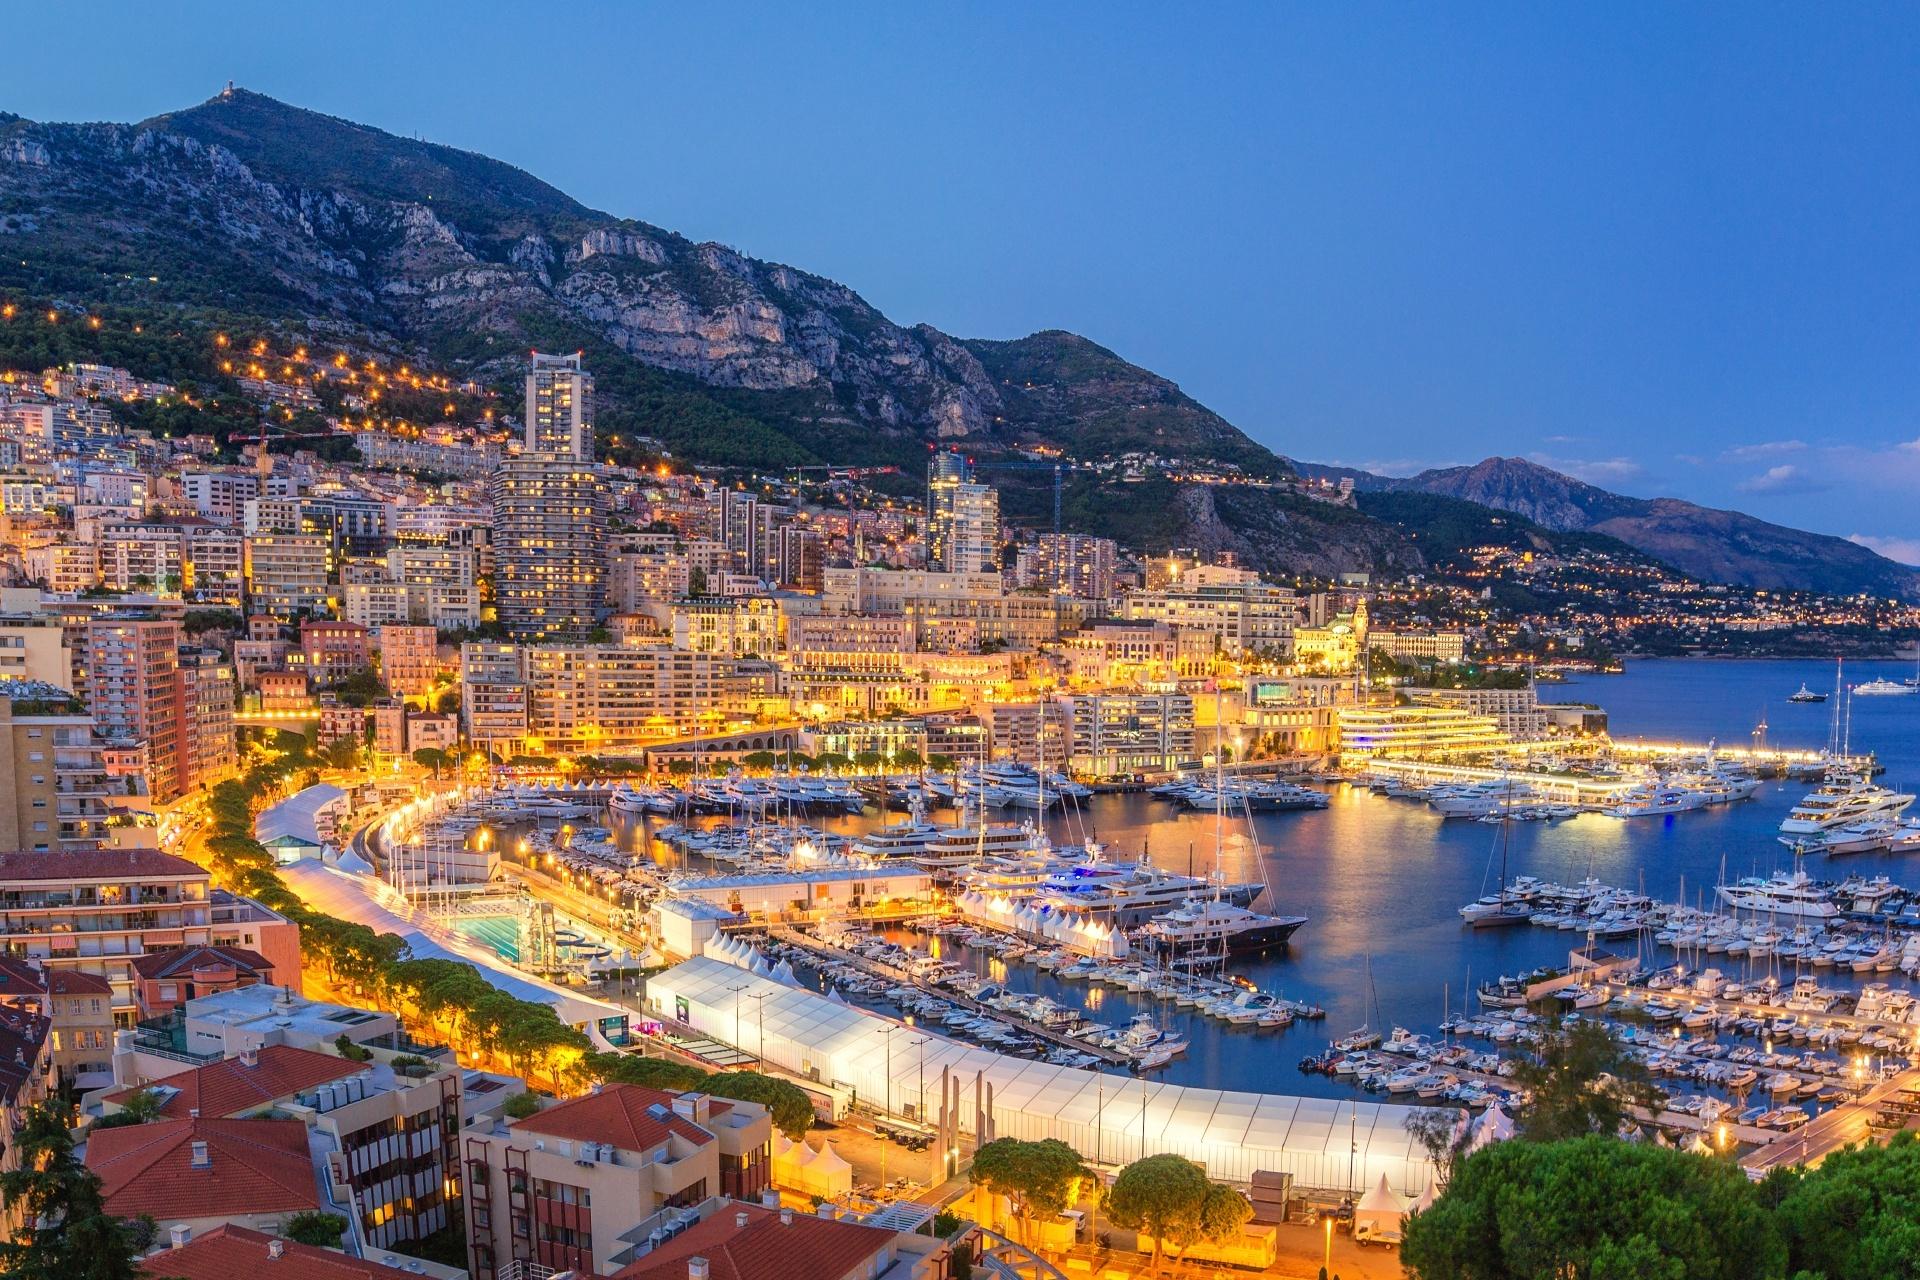 モナコ港の夜景 モナコの風景